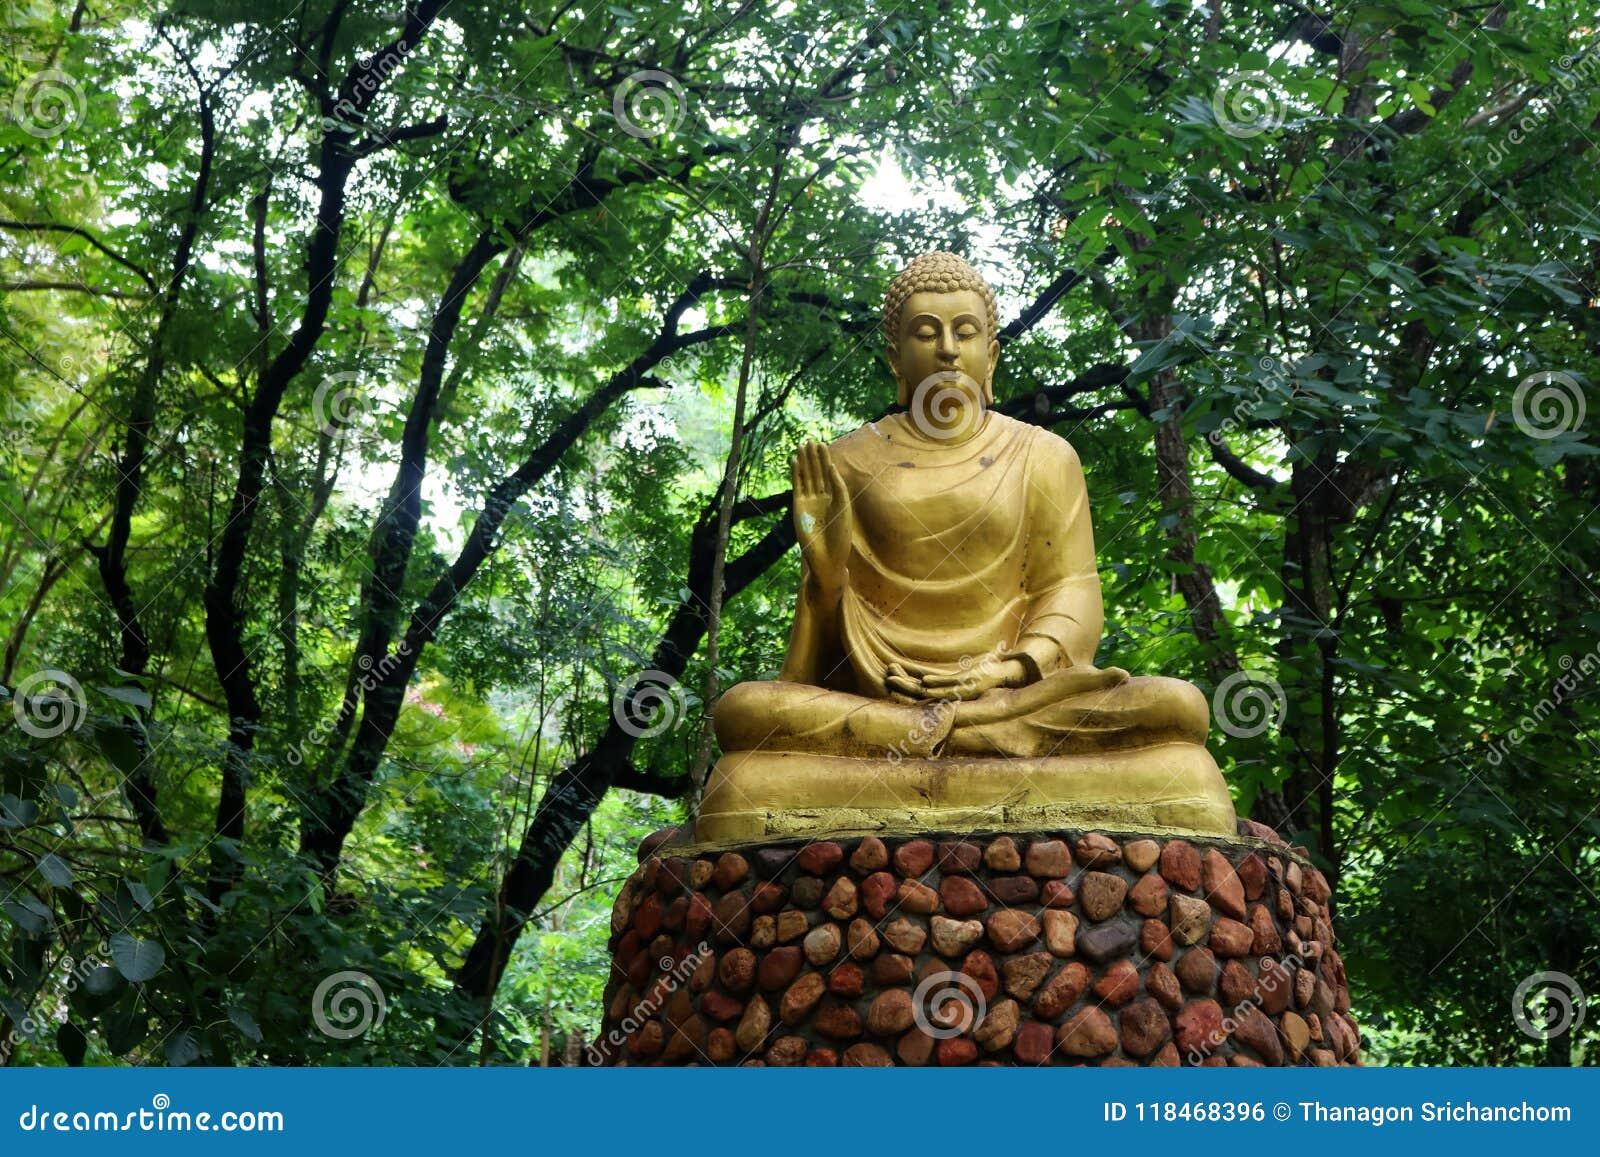 Buddha Statue Im Grunen Waldhintergrund Stockfoto Bild Von Gold